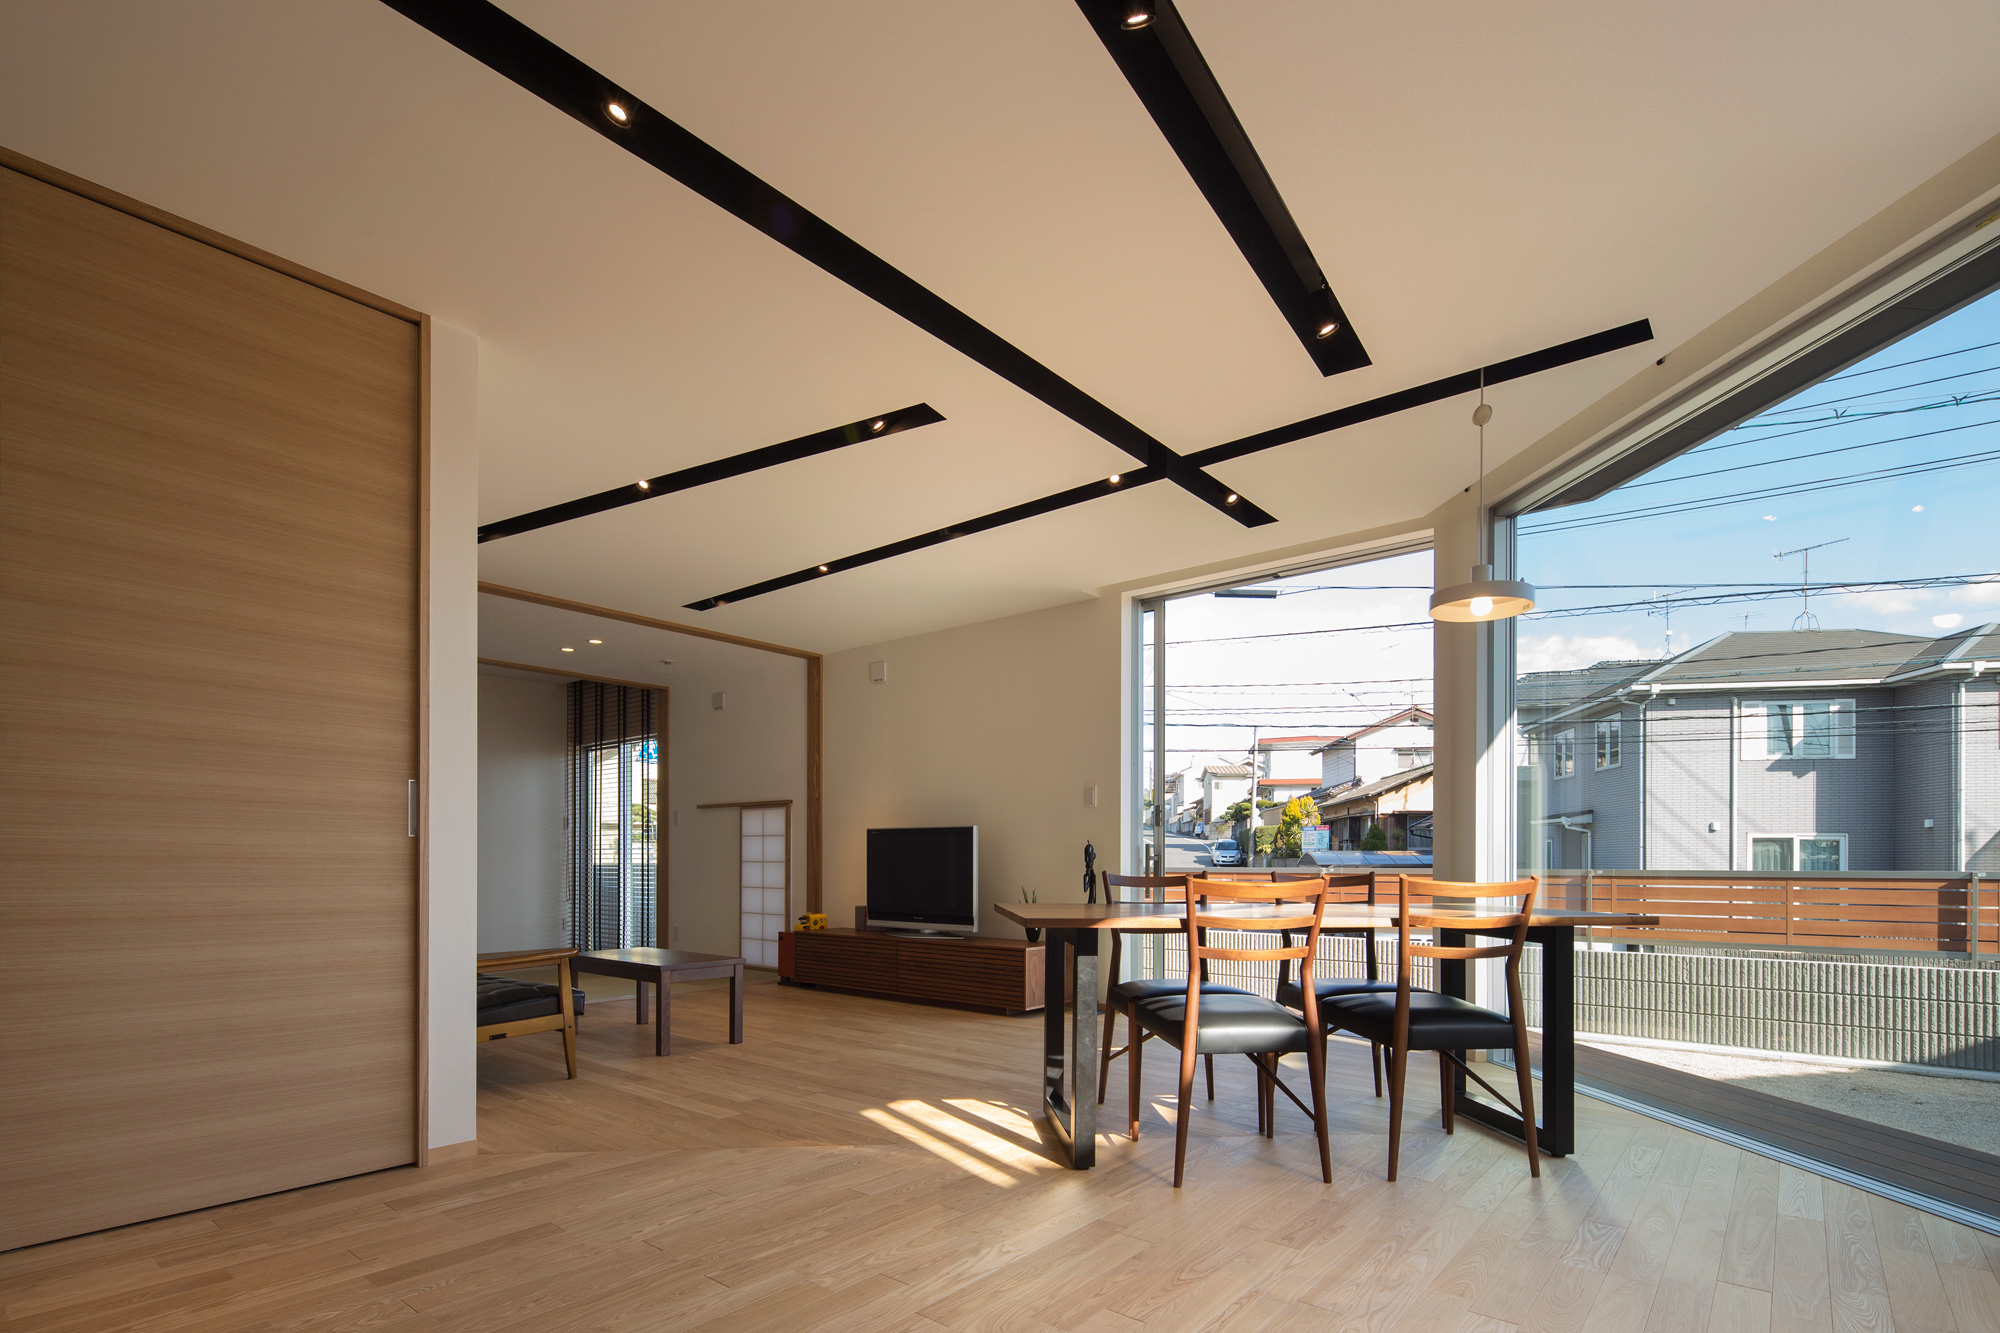 キッチンからリビングダイニングを見る: 天井照明を黒いボックスのなかに仕込み、LDKのカタチを強調するデザインです